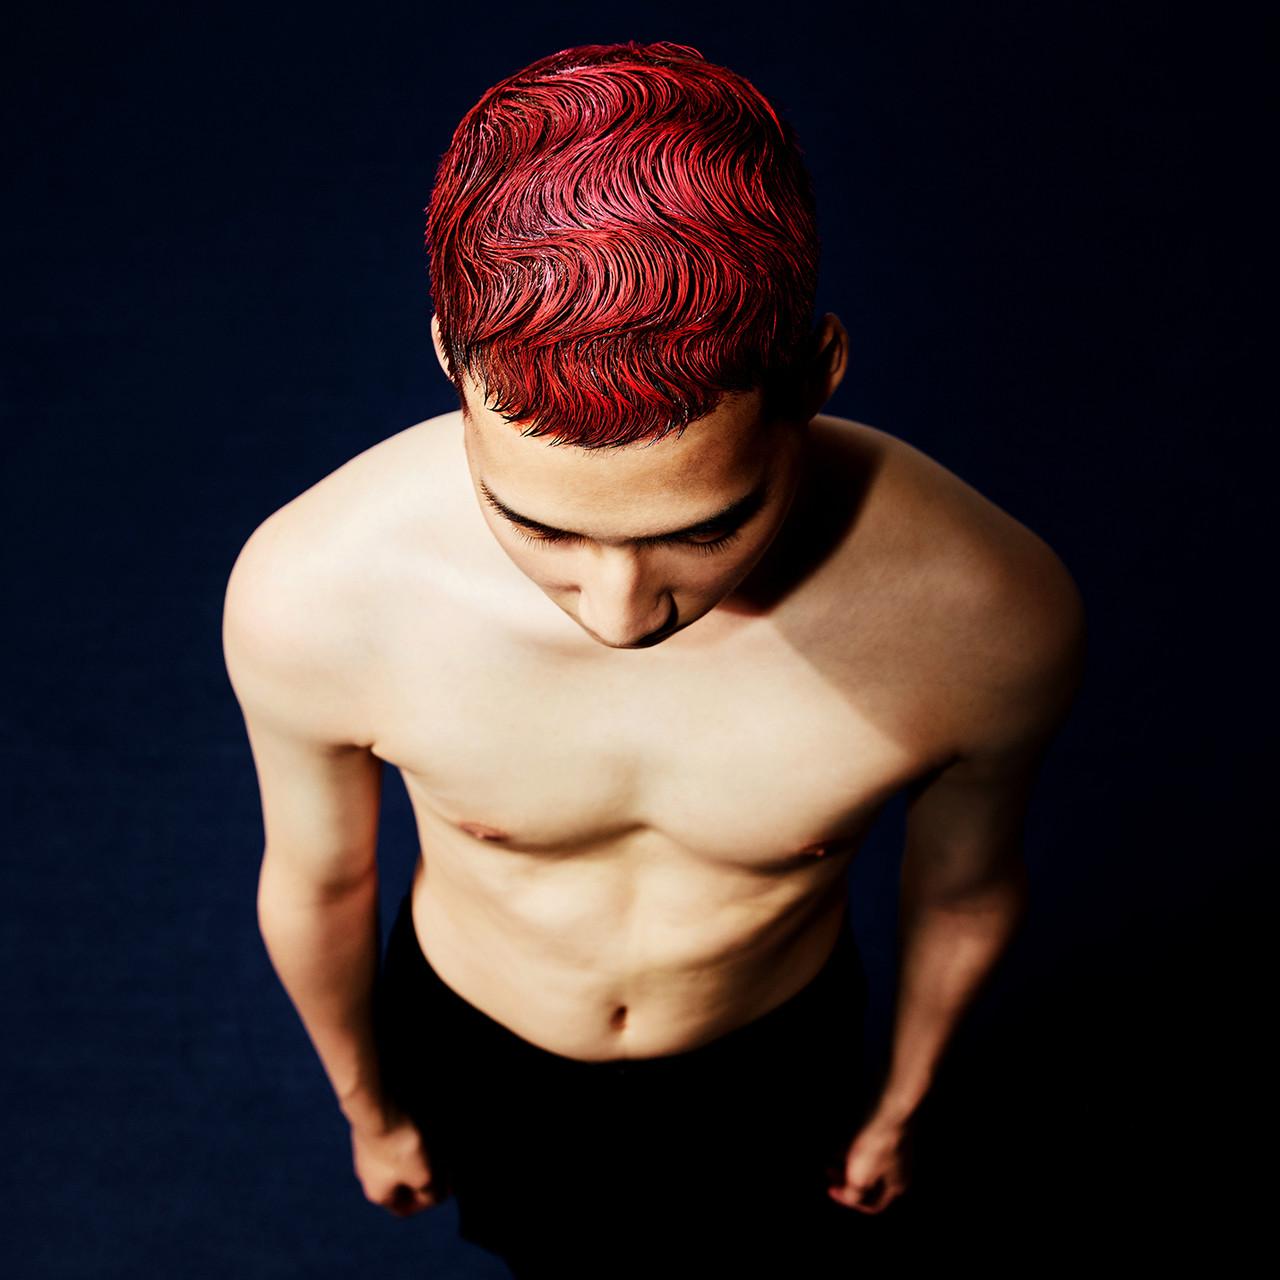 정혁준 HyukJun Jung <br>187 32 280